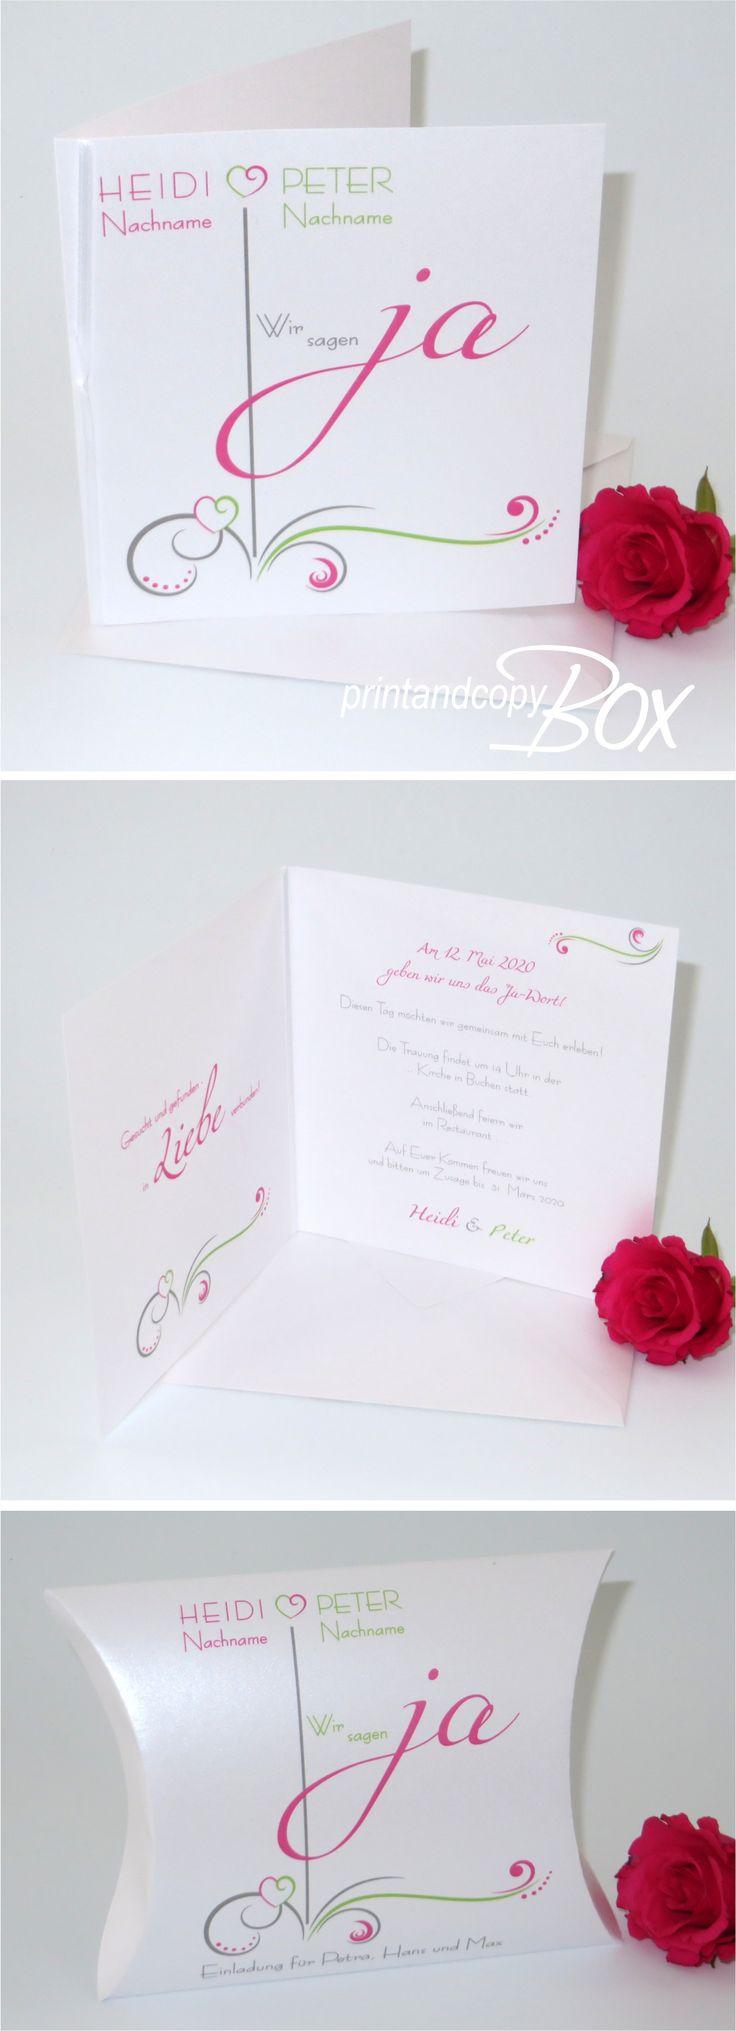 120 besten Angesagte Hochzeitseinladungen Bilder auf Pinterest